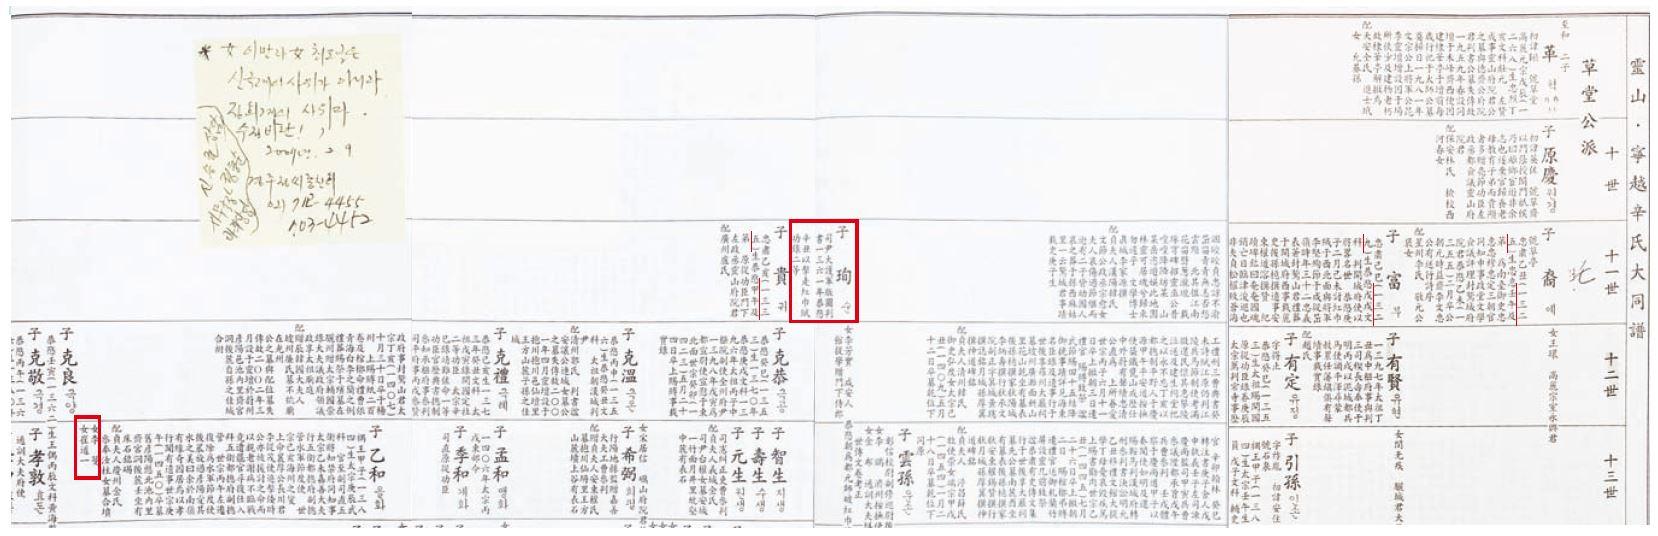 2002초당공선대족보수정제안1.JPG